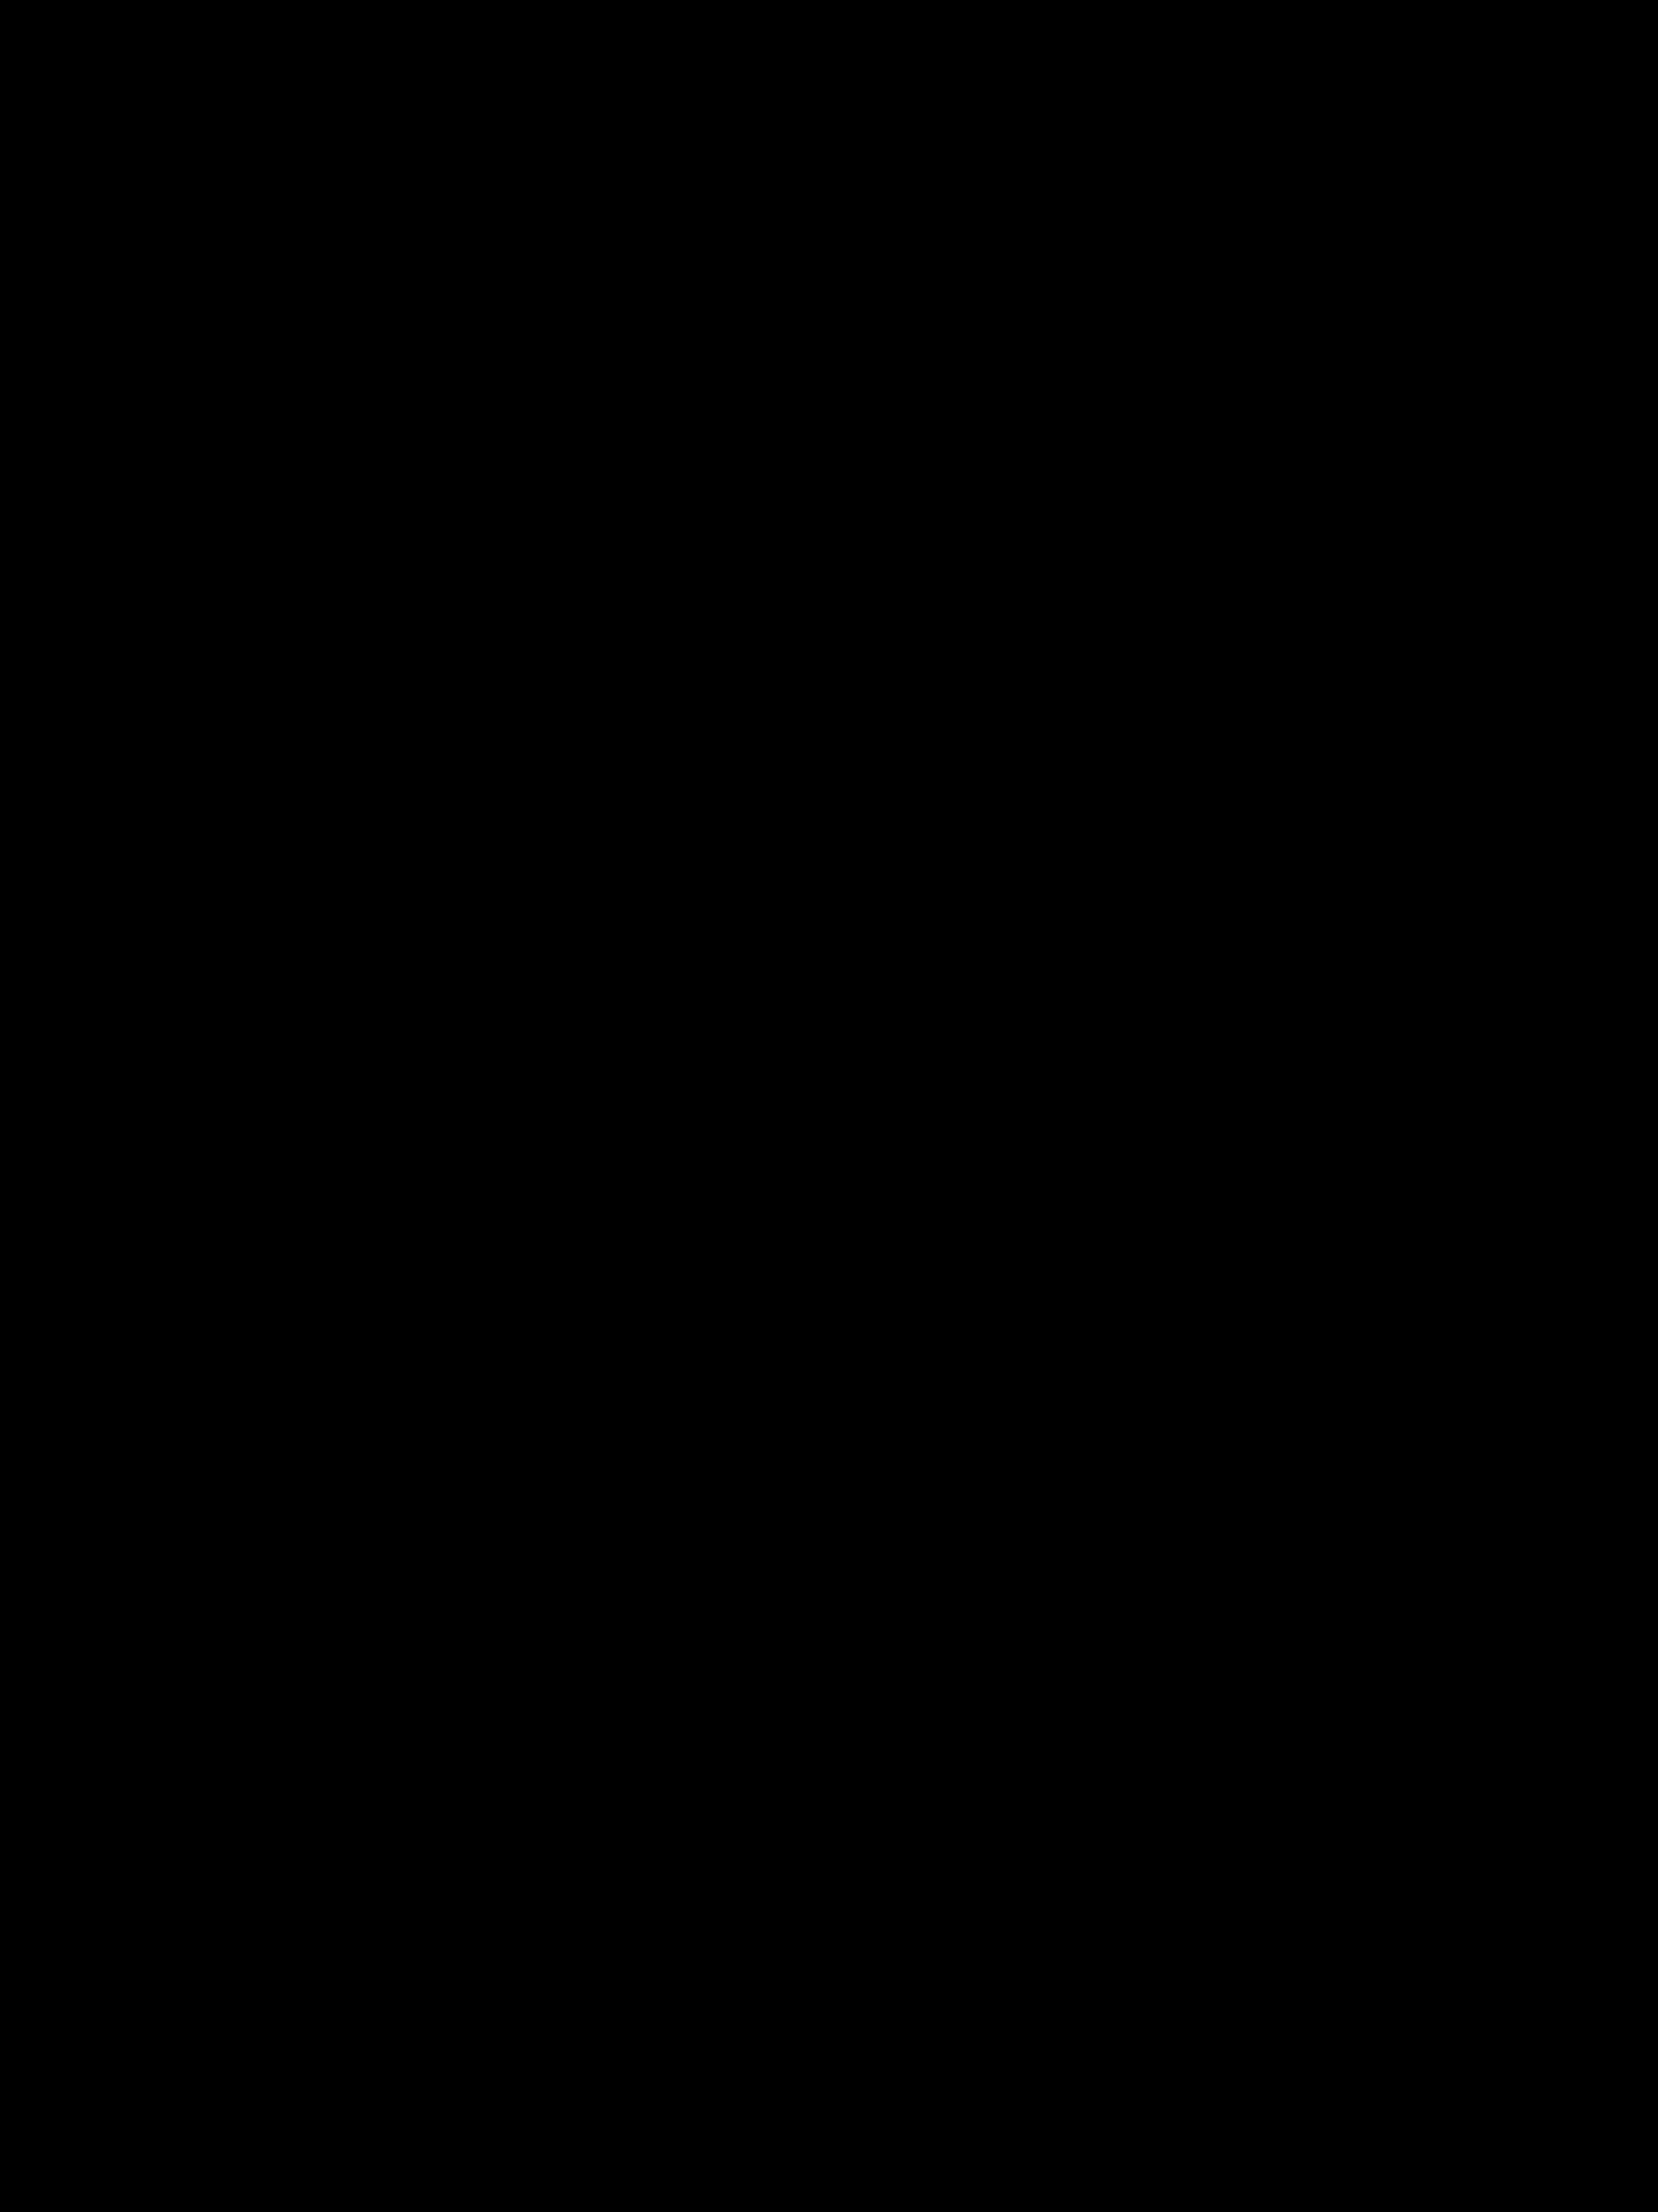 Disposición 5708 del BOE núm. 76 de 2011